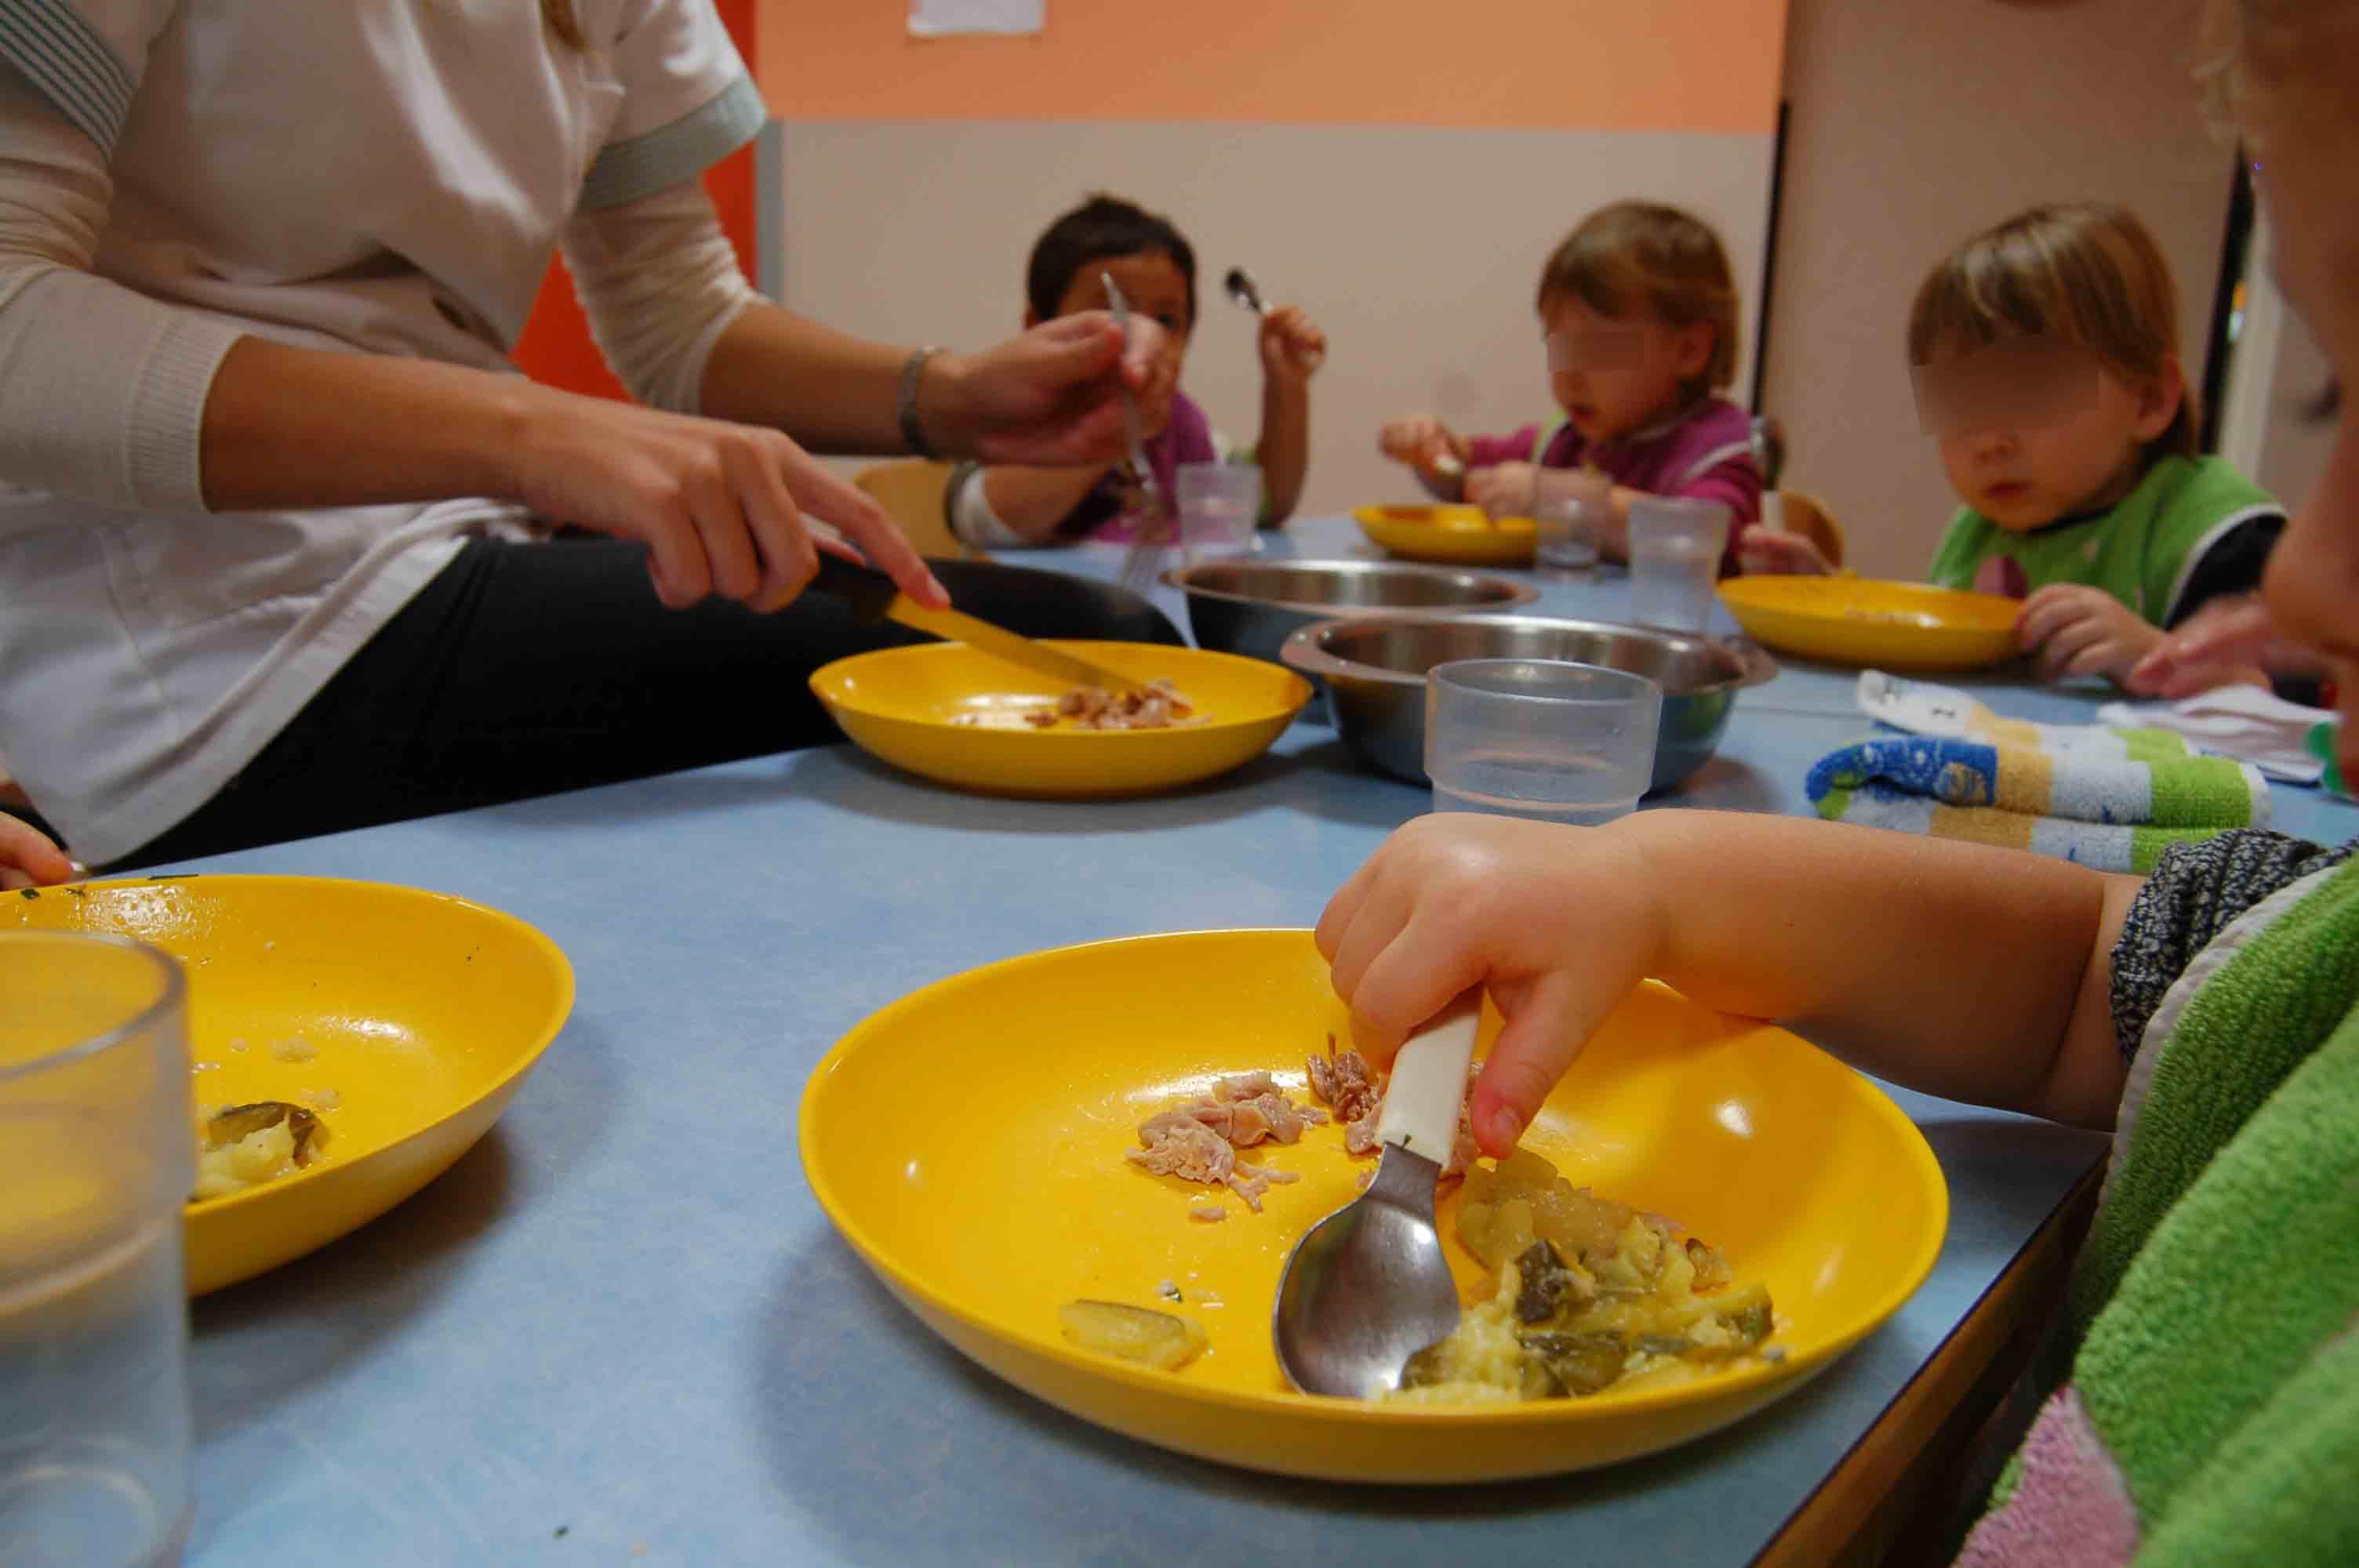 Comment aigues mortes s 39 organise pour servir des repas 100 for Objectif atelier cuisine en creche